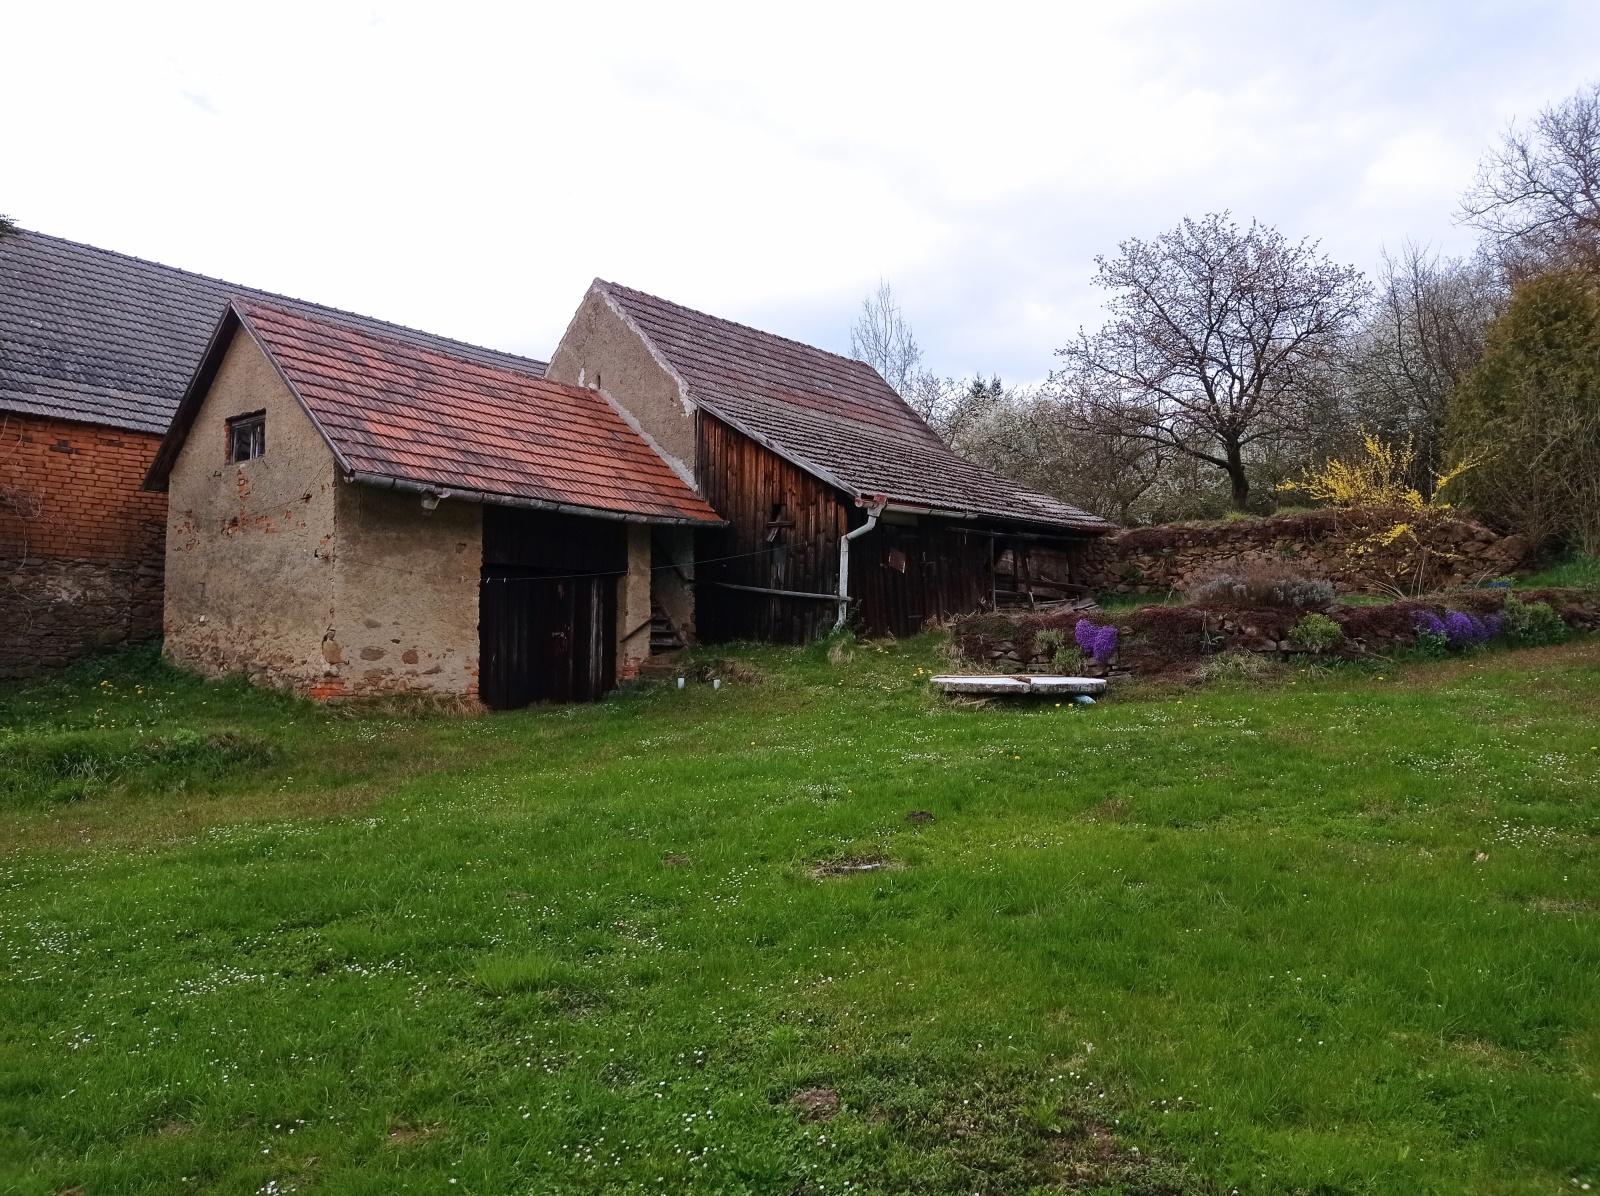 Prodej, zemědělské usedlosti, 3790m2, Kasejovice - Kladrubce, Plzeň -jih